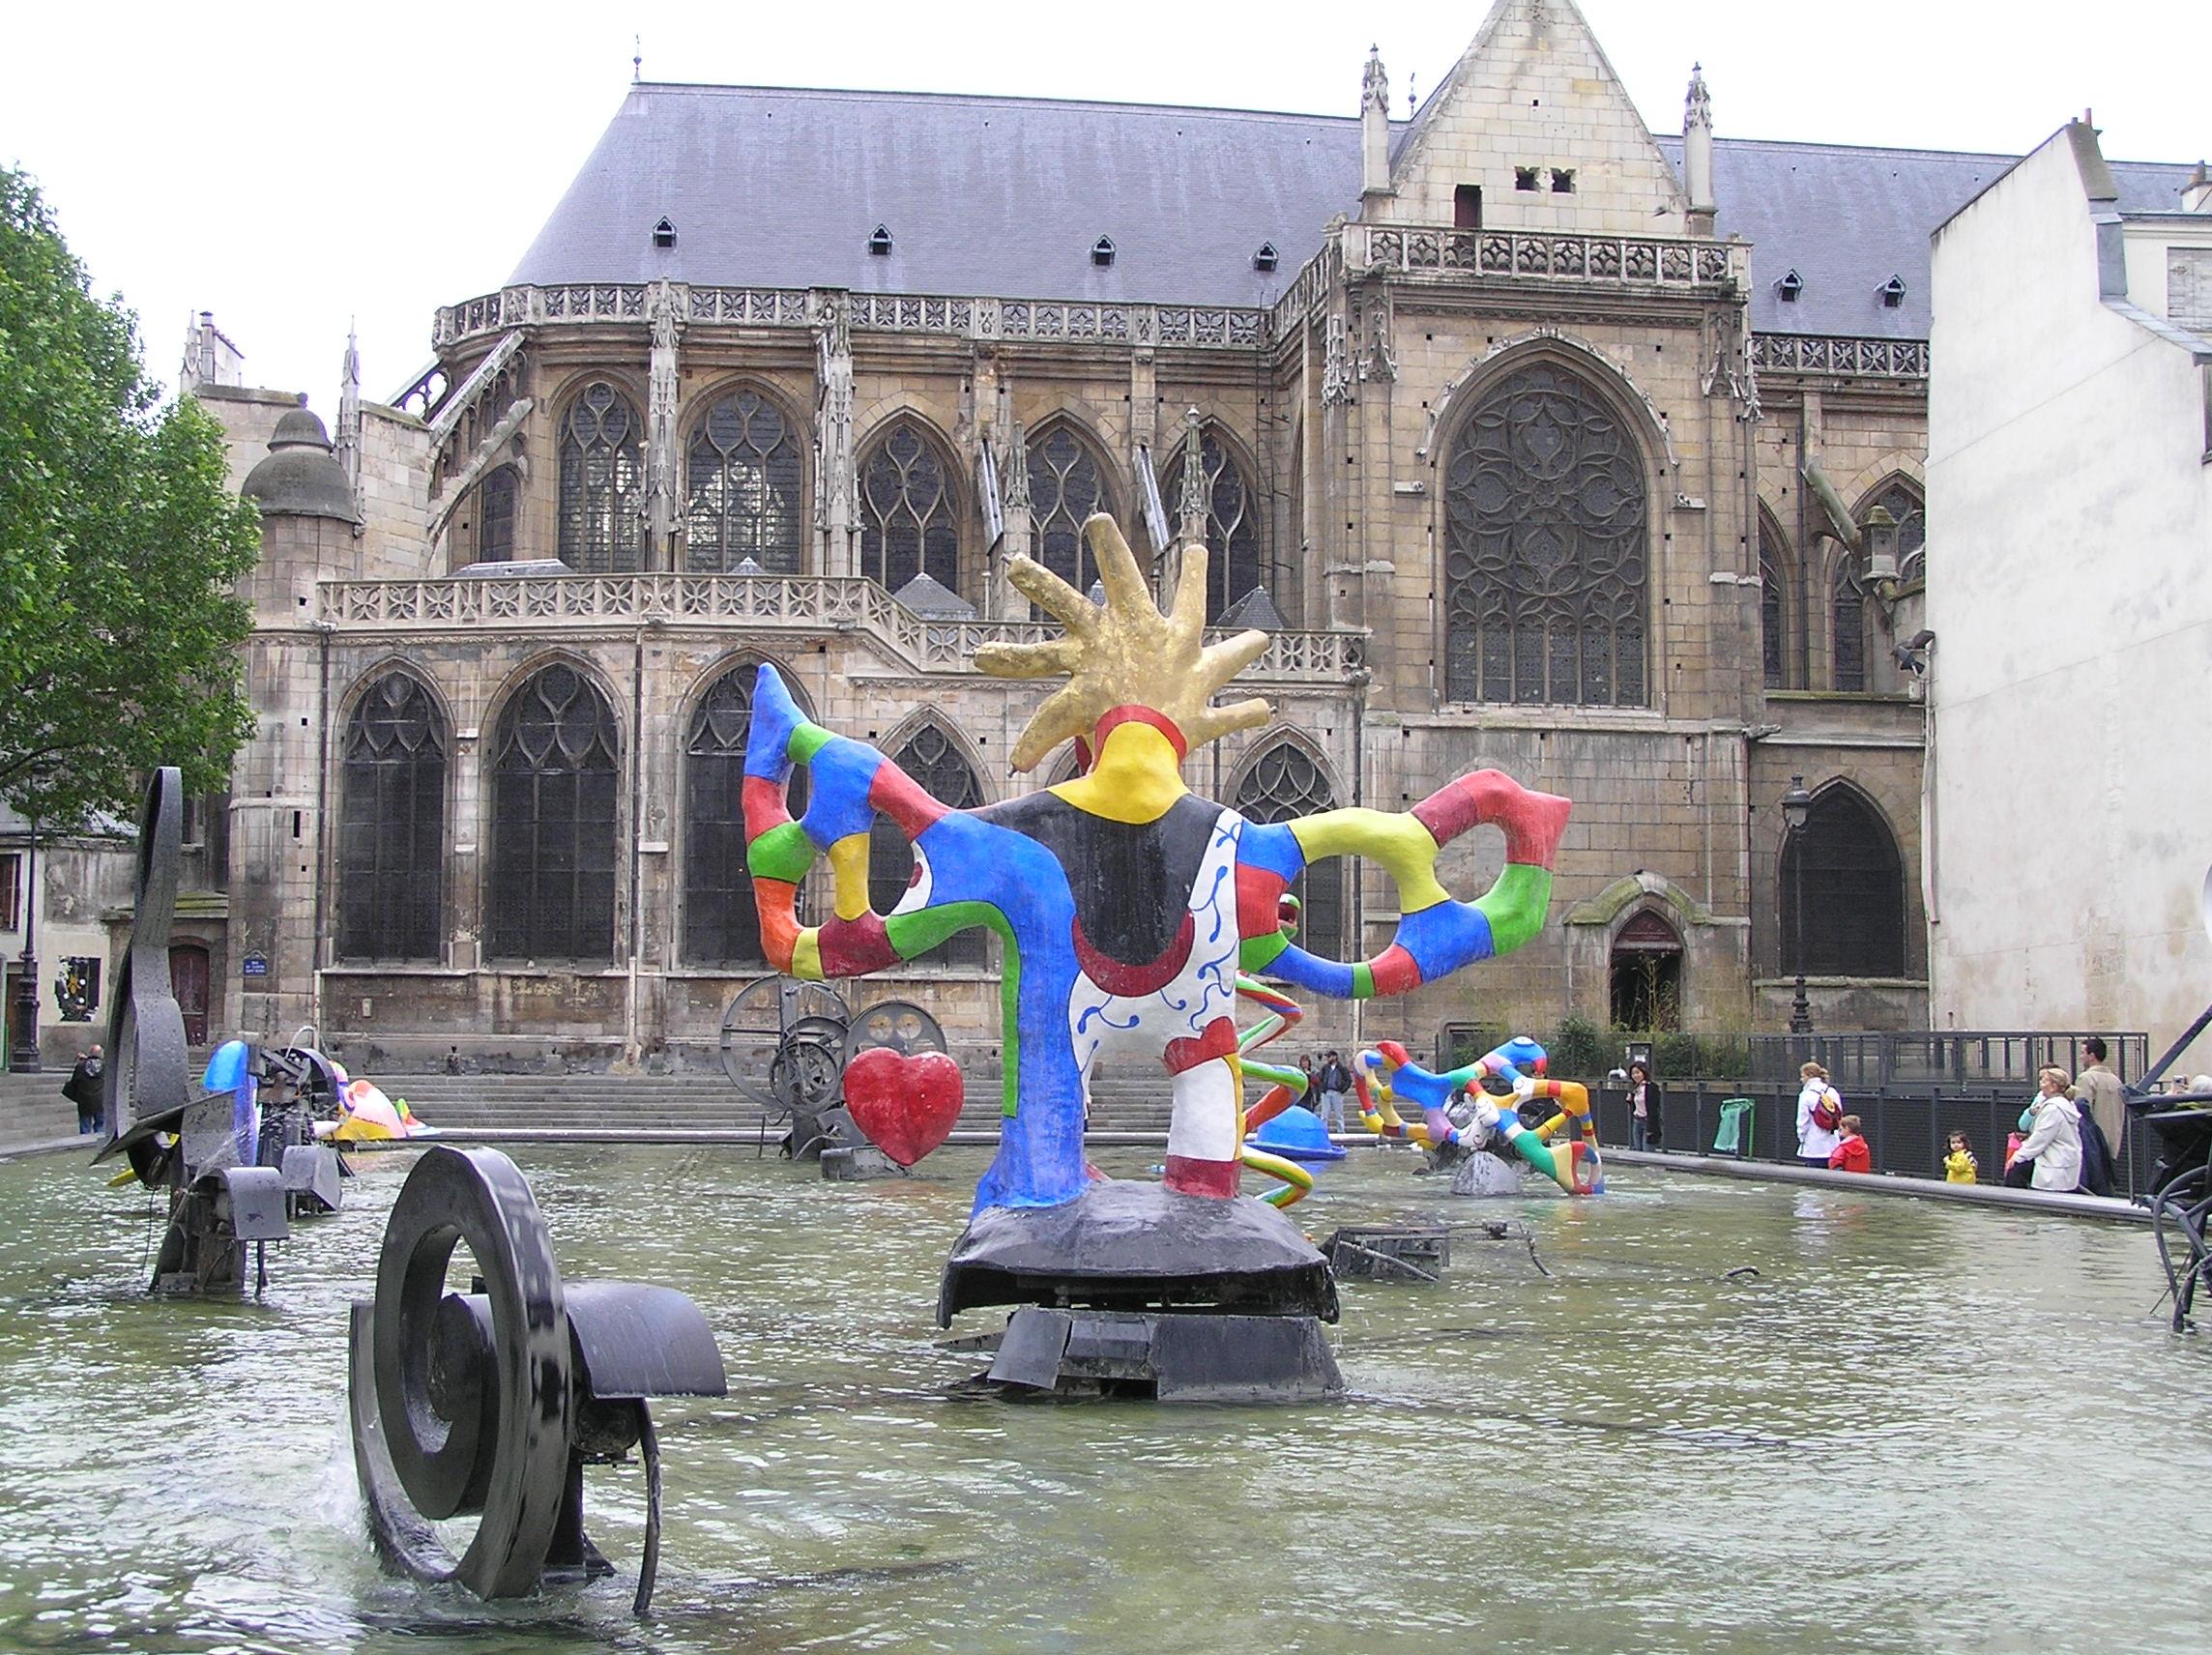 Francie - Paříž, kostel St. Mary a Stravinského kašna, 1983, J.Tinguely a N.de Saint Phalle, má vyjadřovat Stravinského hudbu